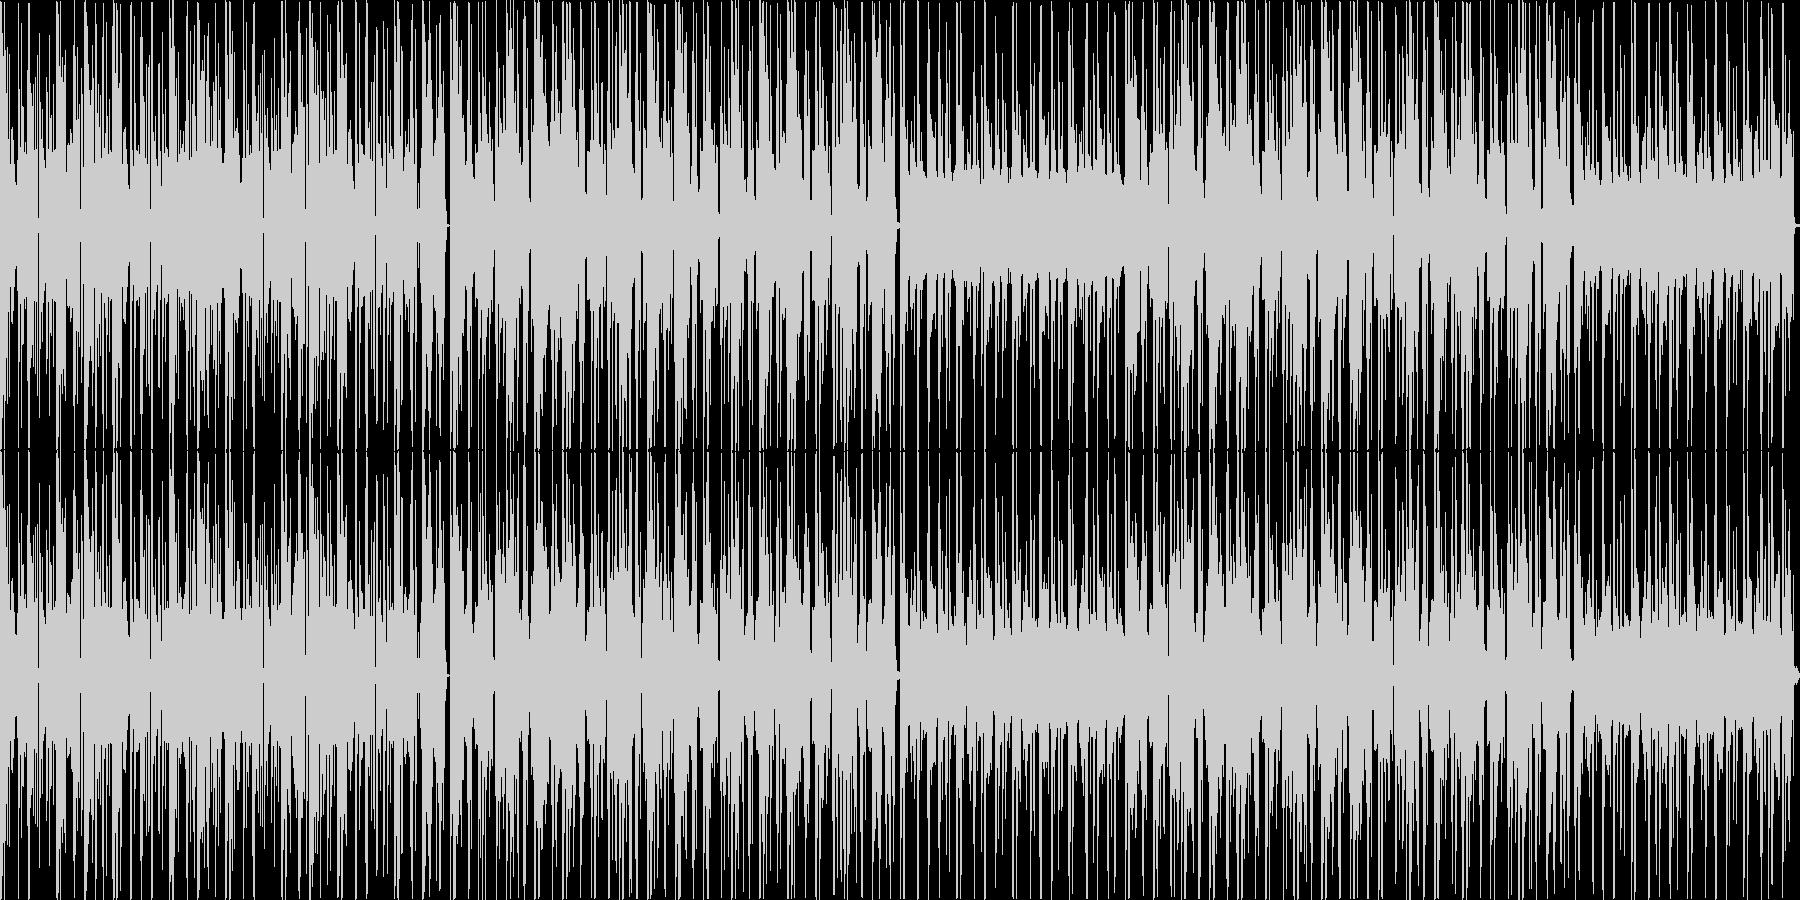 ハードボイルドな雰囲気のクールなテクノの未再生の波形